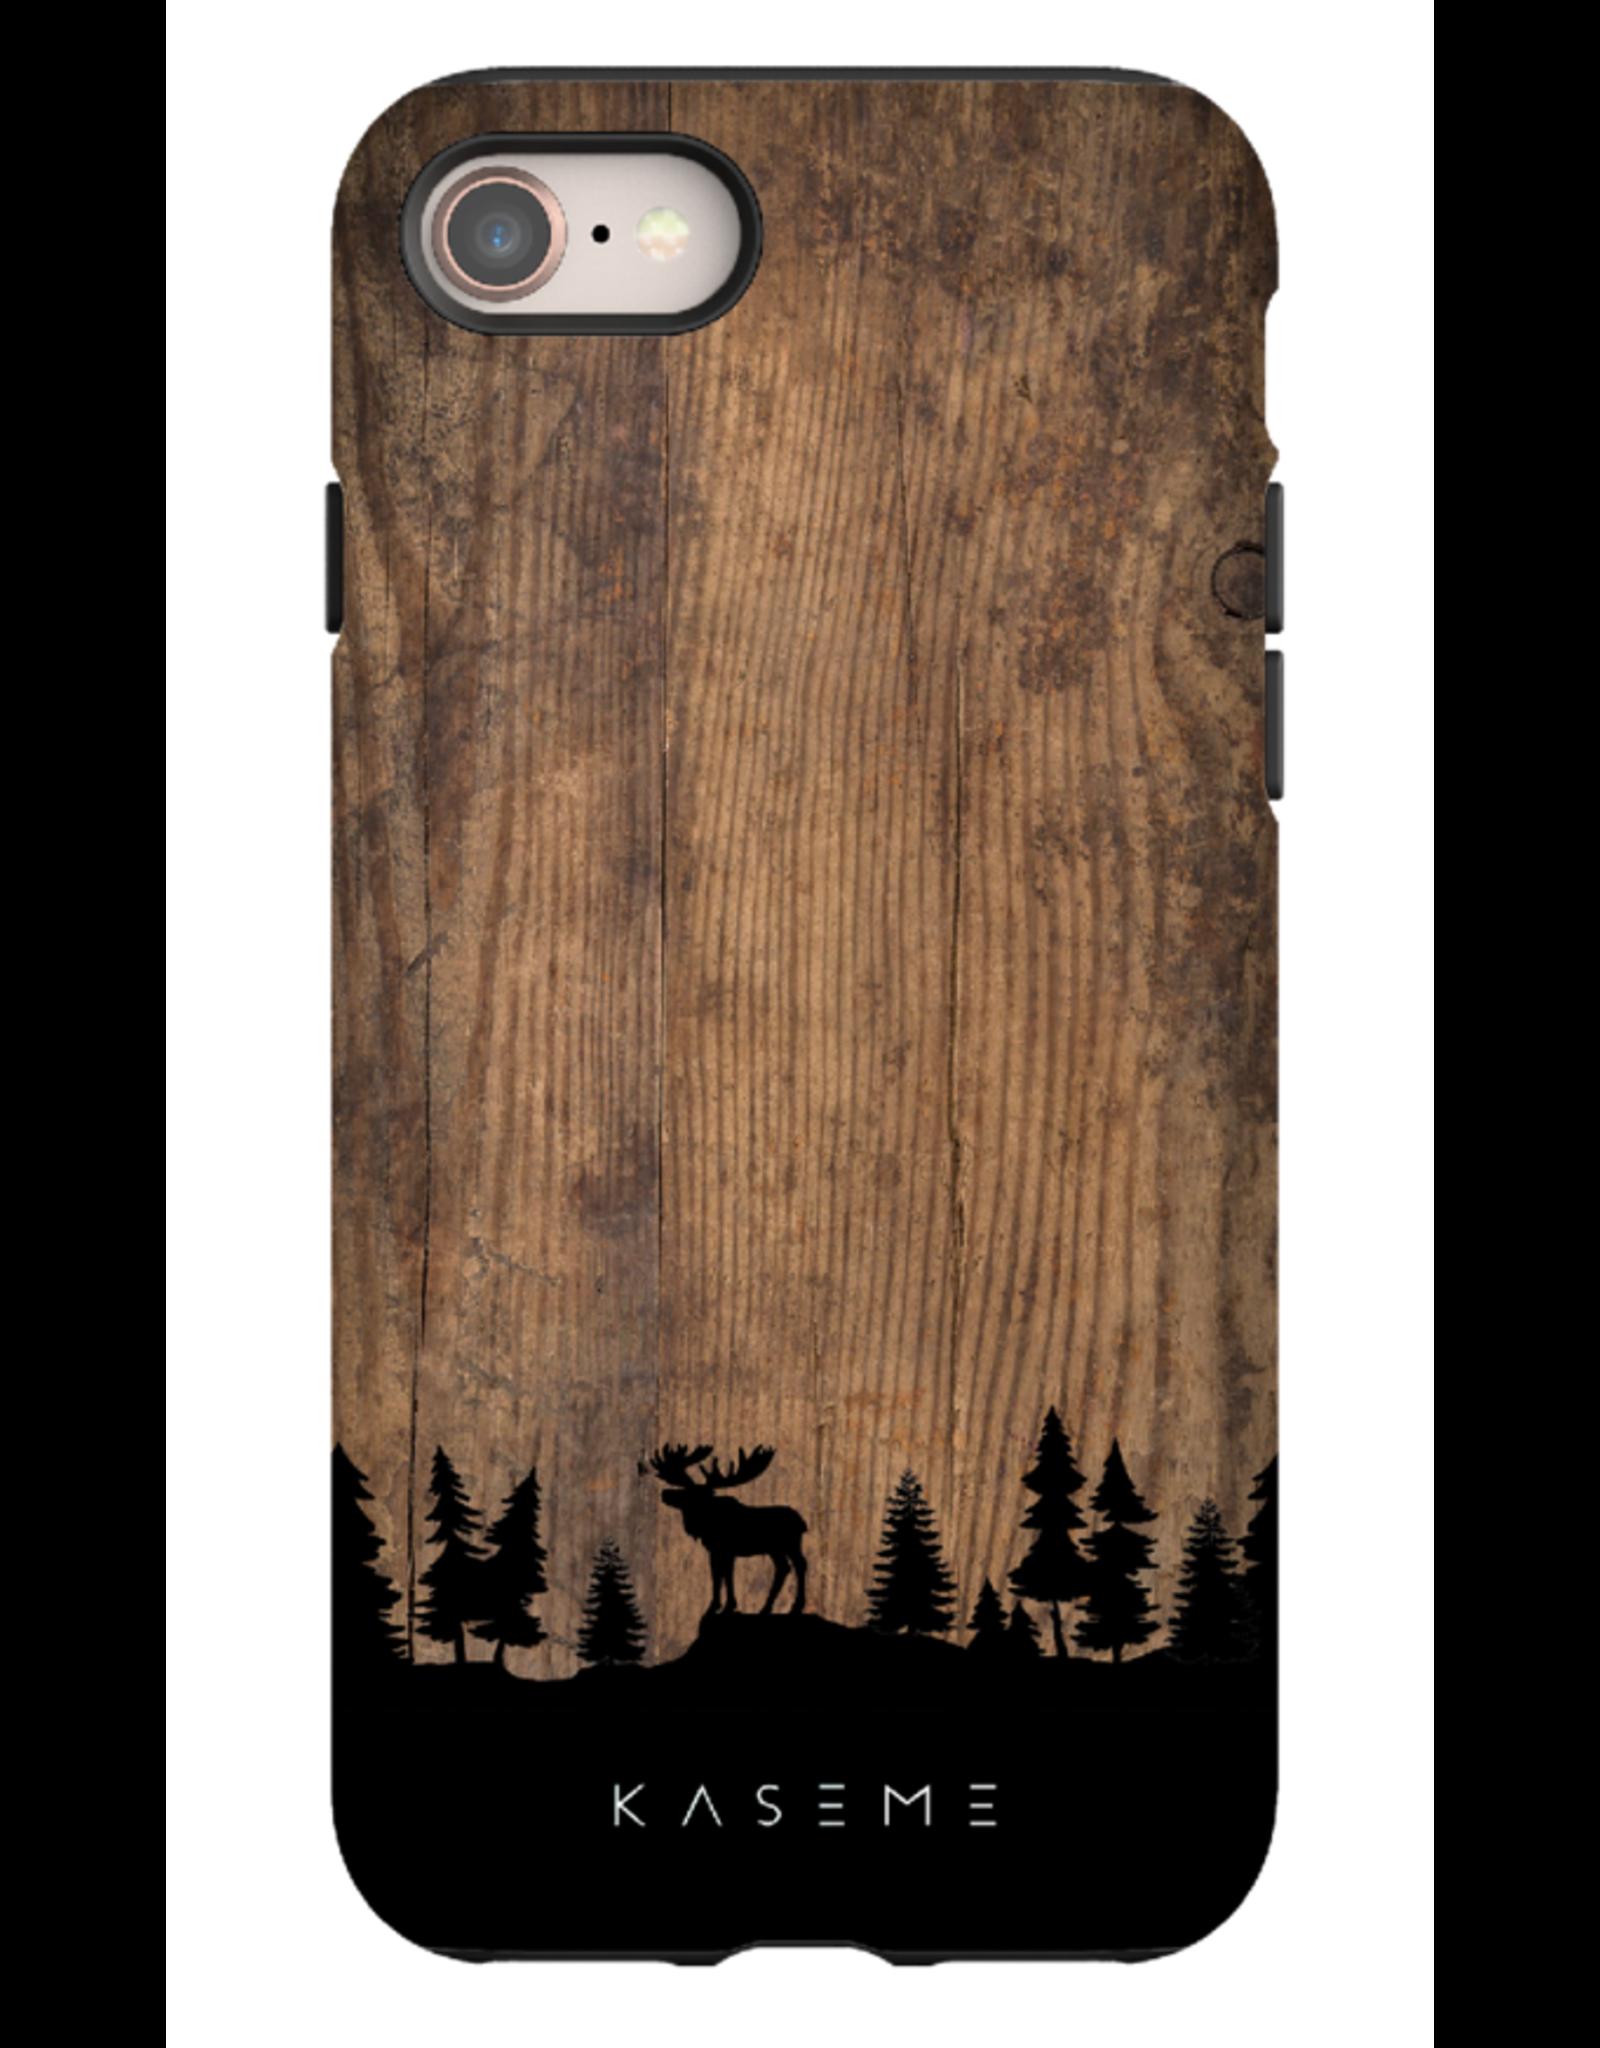 Kaseme Kaseme - Étui cellulaire the moose